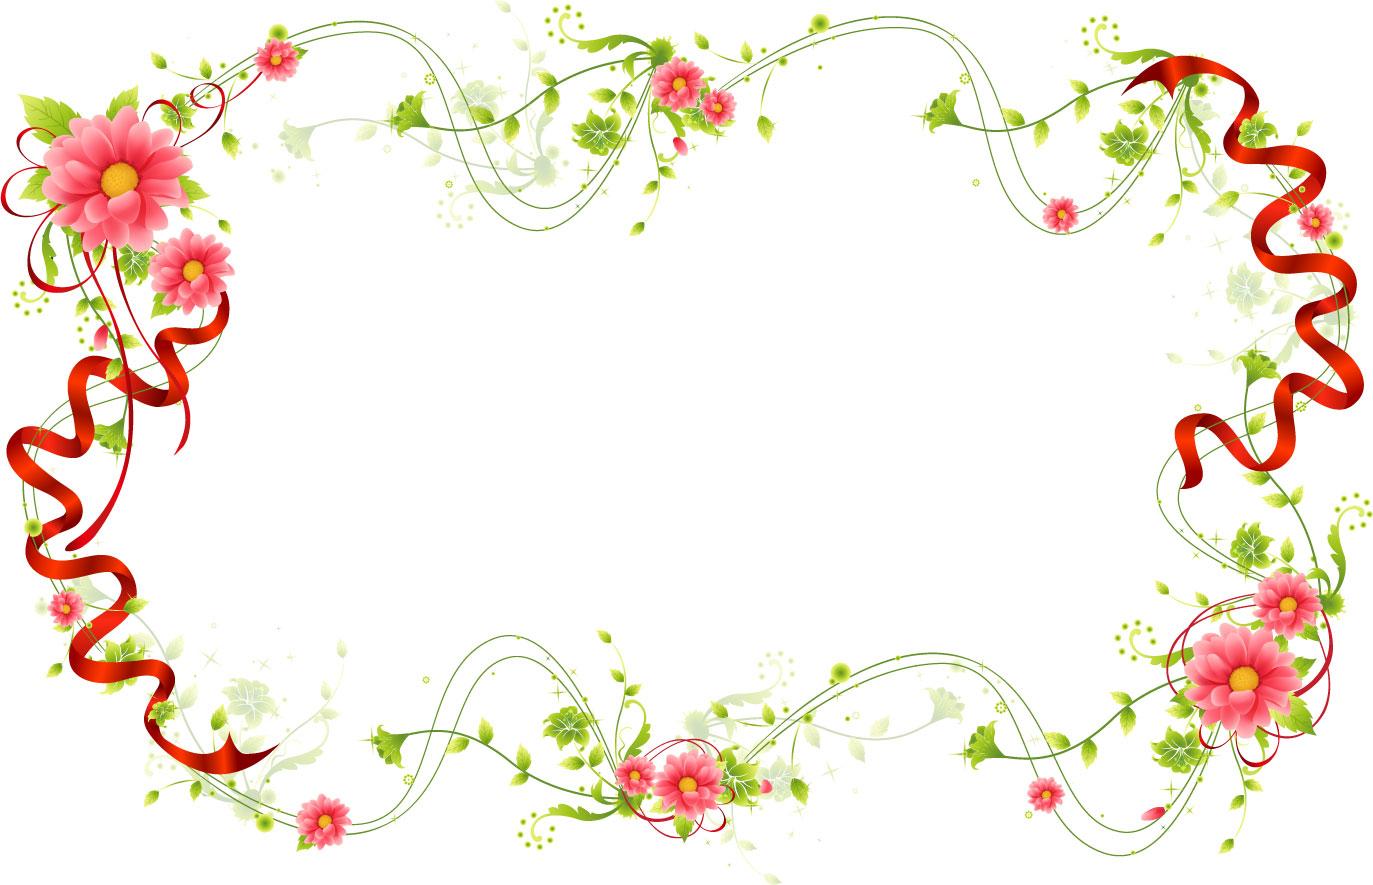 フレーム イラスト 花 | 7331 イラス